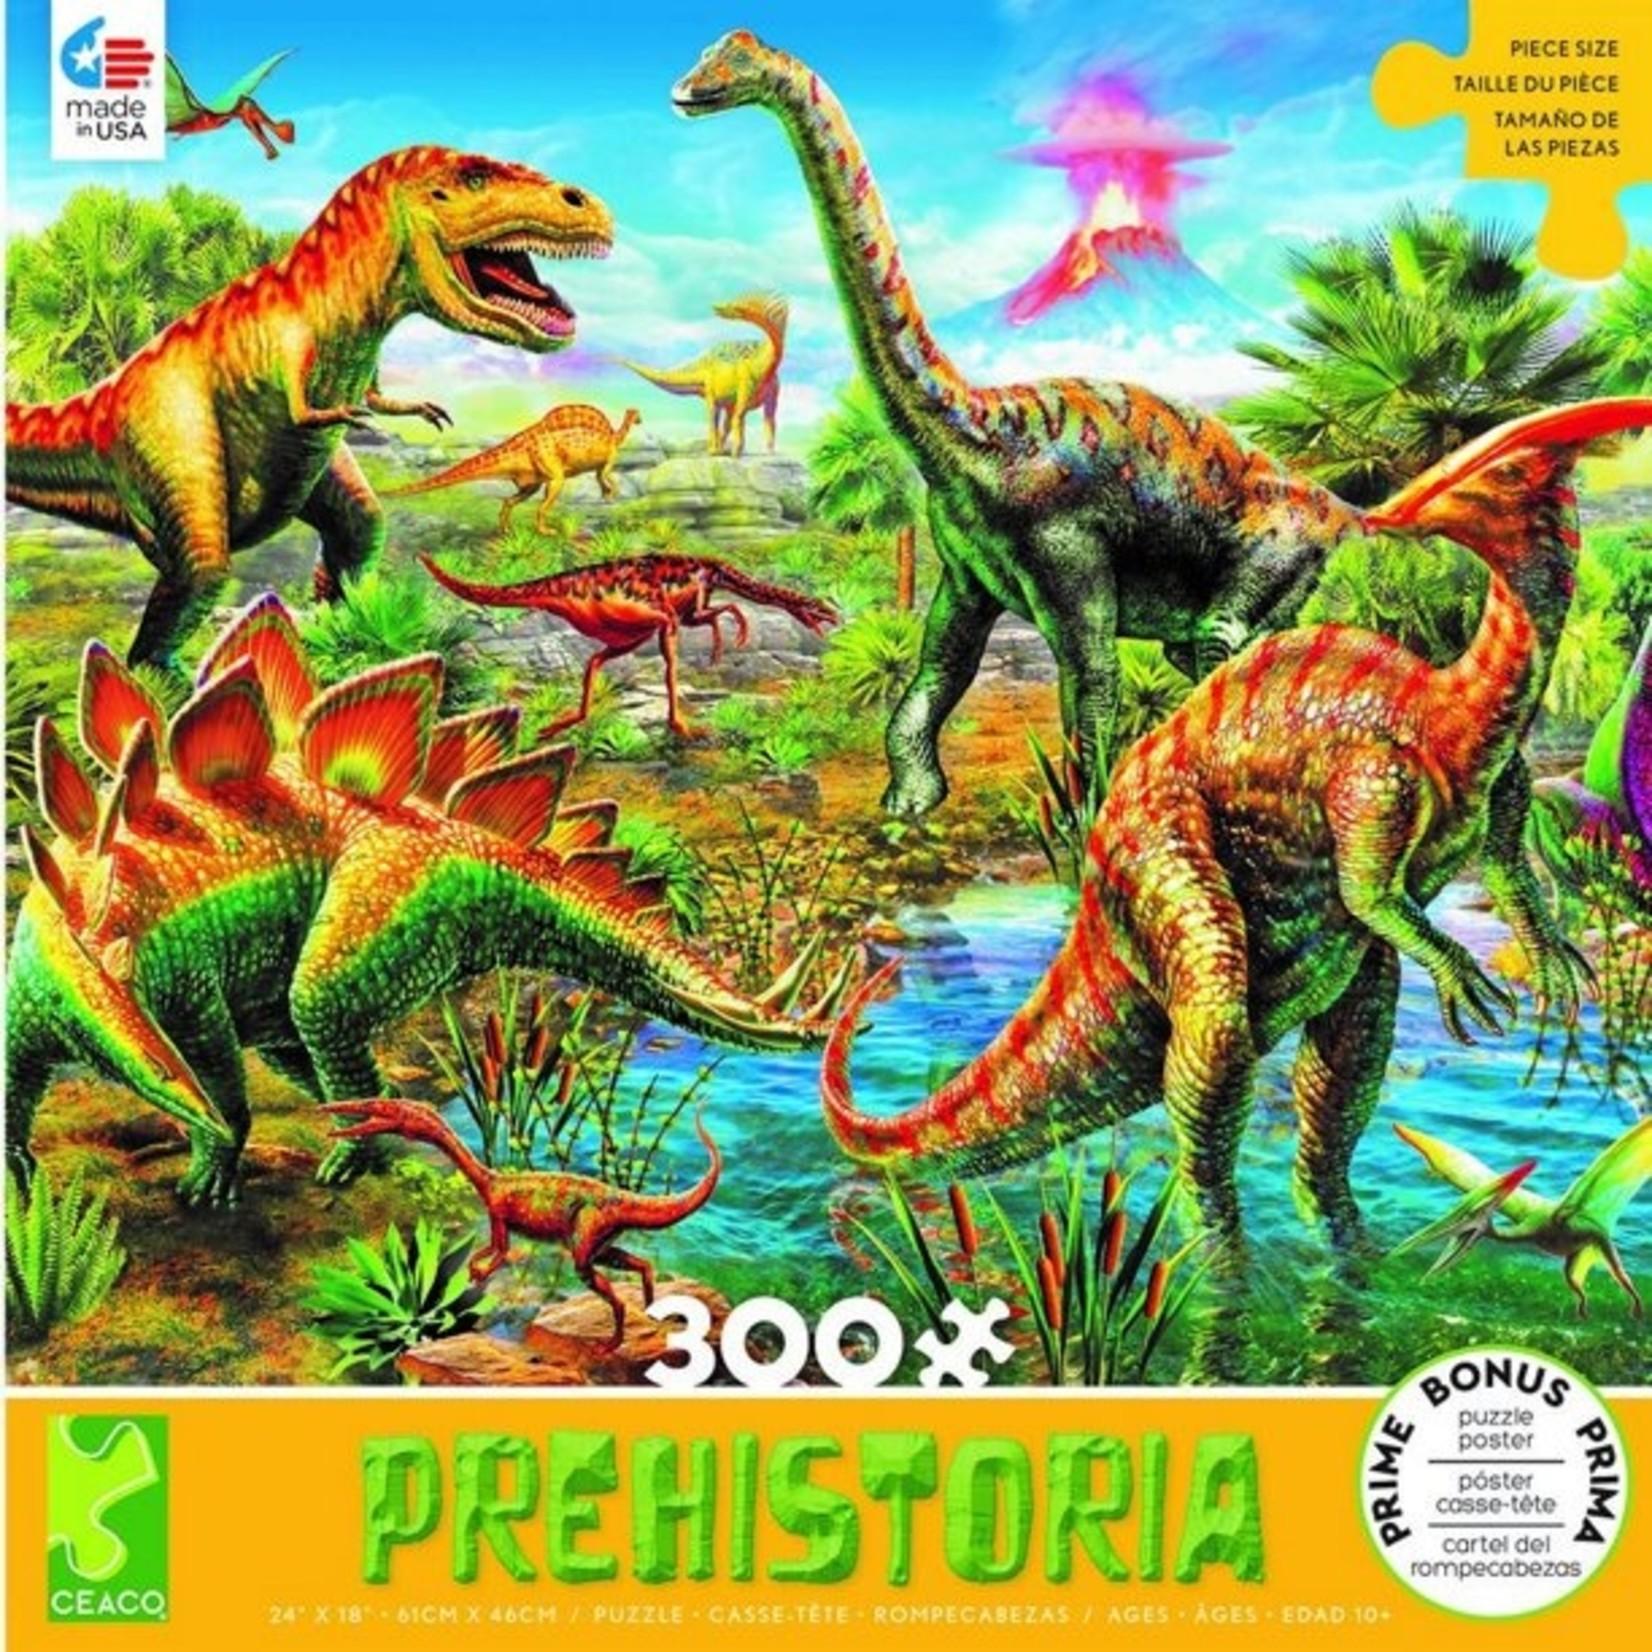 ceaco Ceaco - 300 Piece Puzzle: Prehistoria - Jurassic Playground